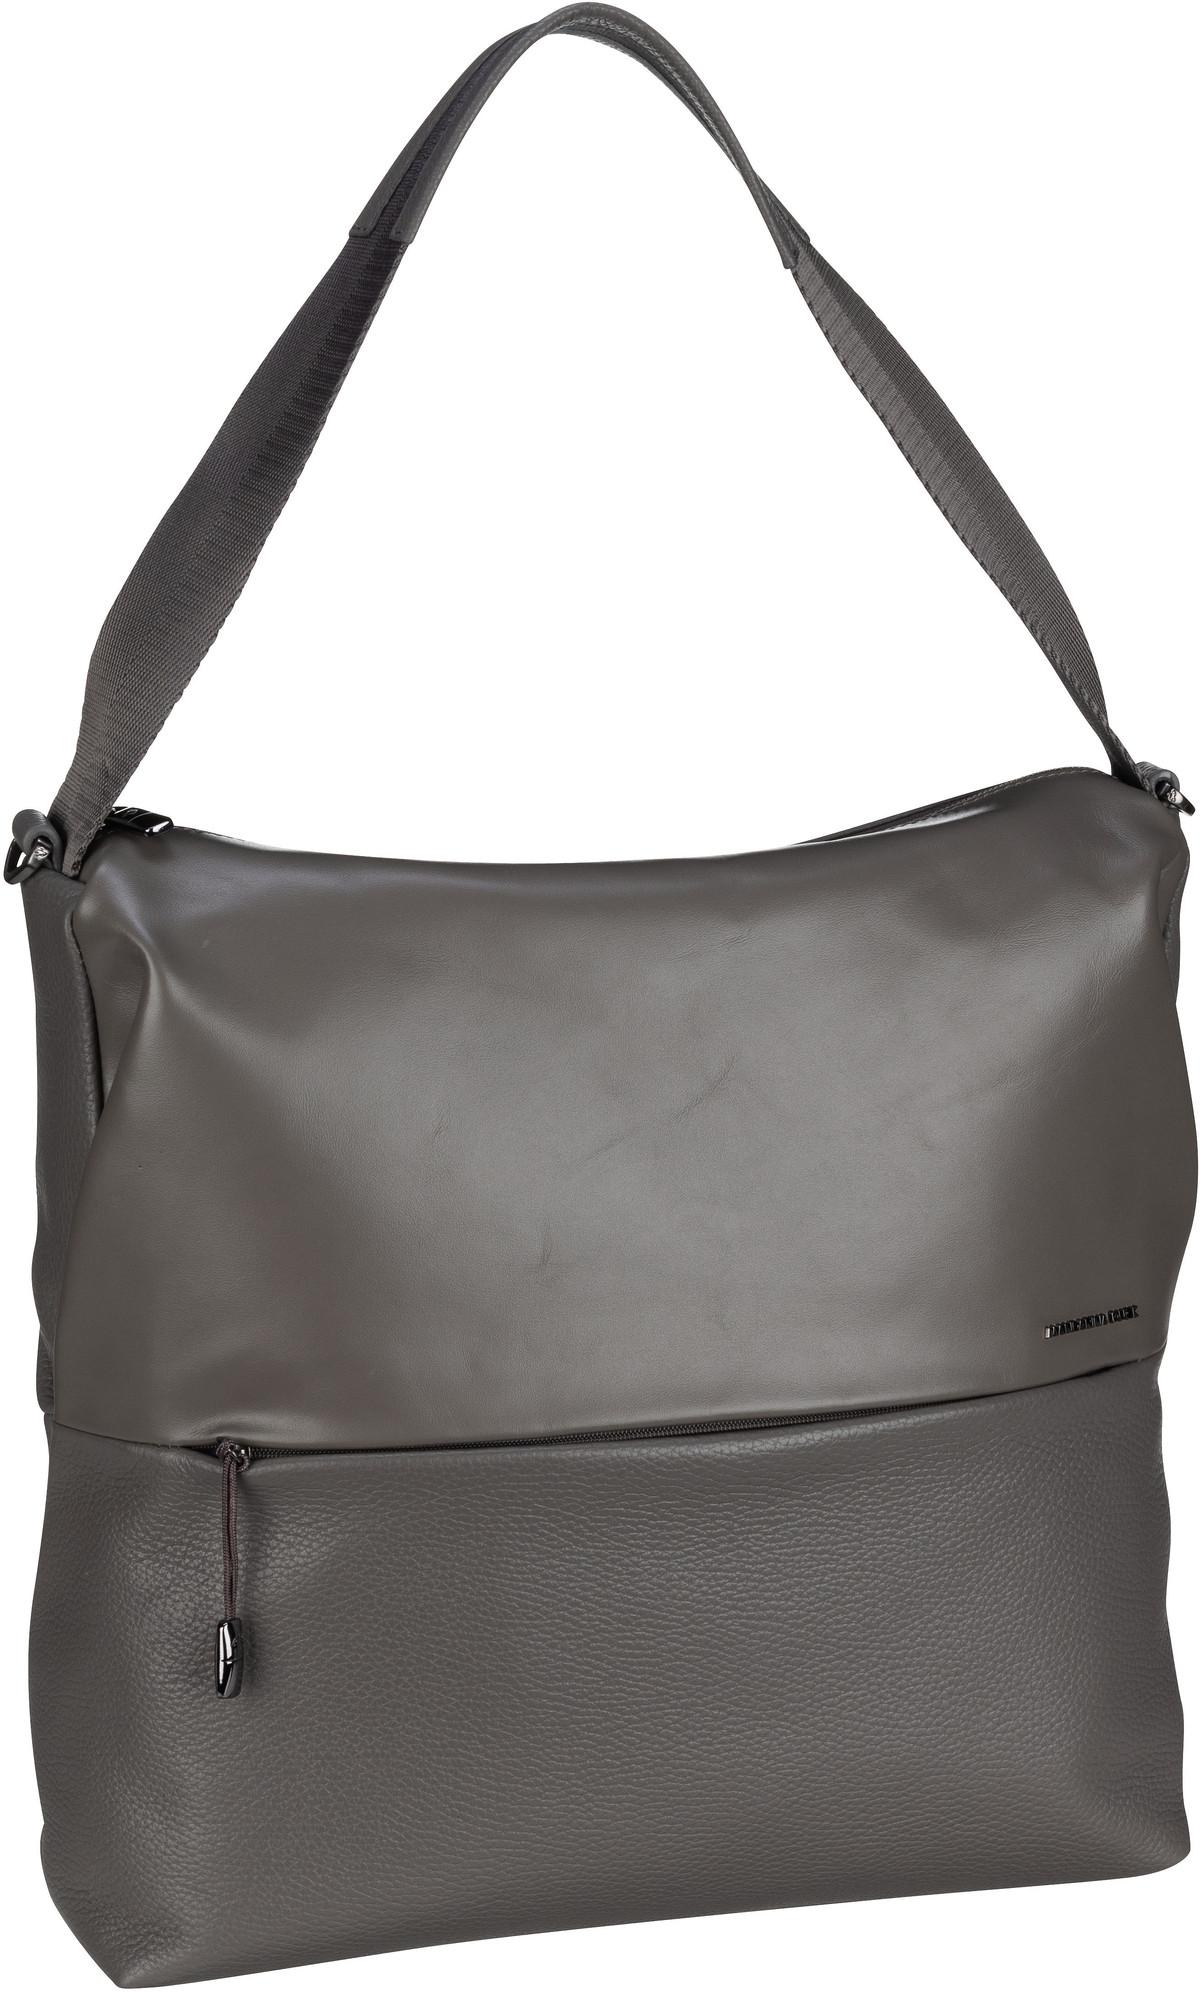 Handtasche Athena Medium Hobo UPT05 Soldier